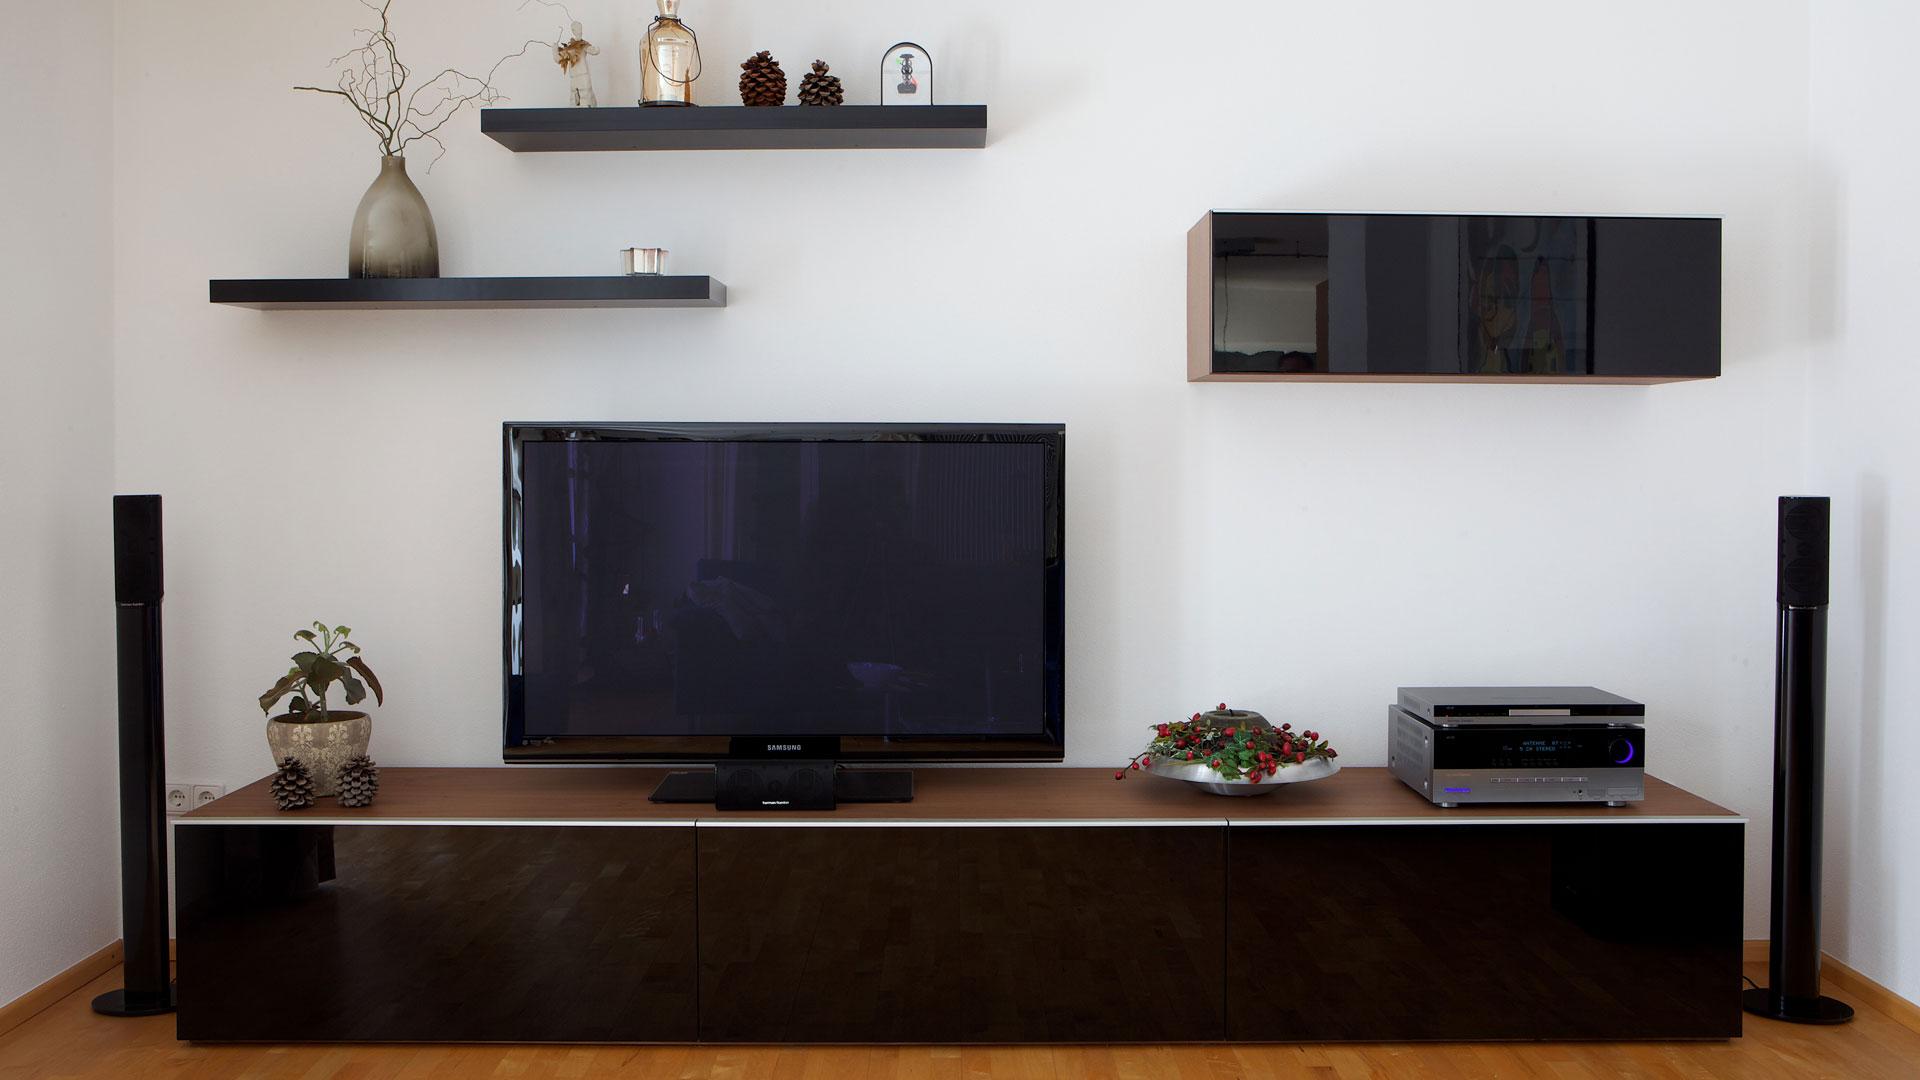 Best wohnzimmer tv m bel ideas design ideas 2018 for Wohnzimmer 1920